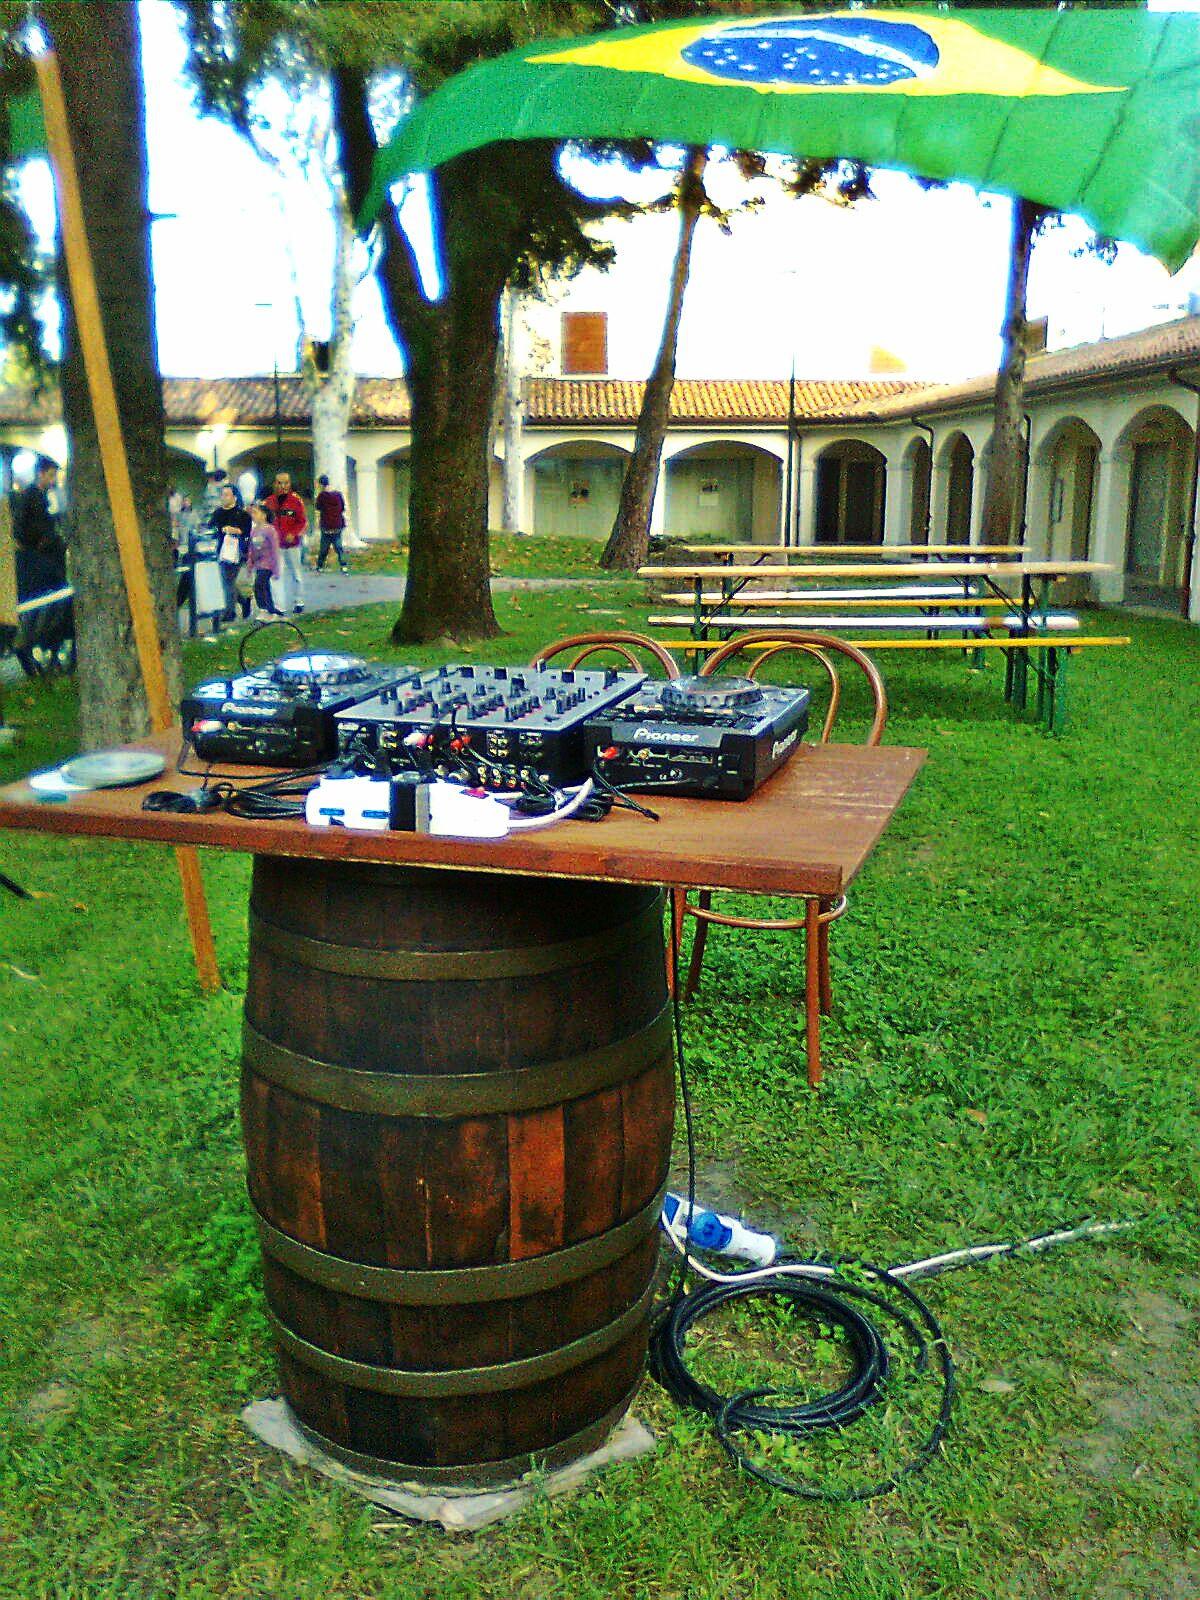 1466 idee per tavoli sedie e panche da arredamento pub ba briganti srl arredamento for Pub arredamento